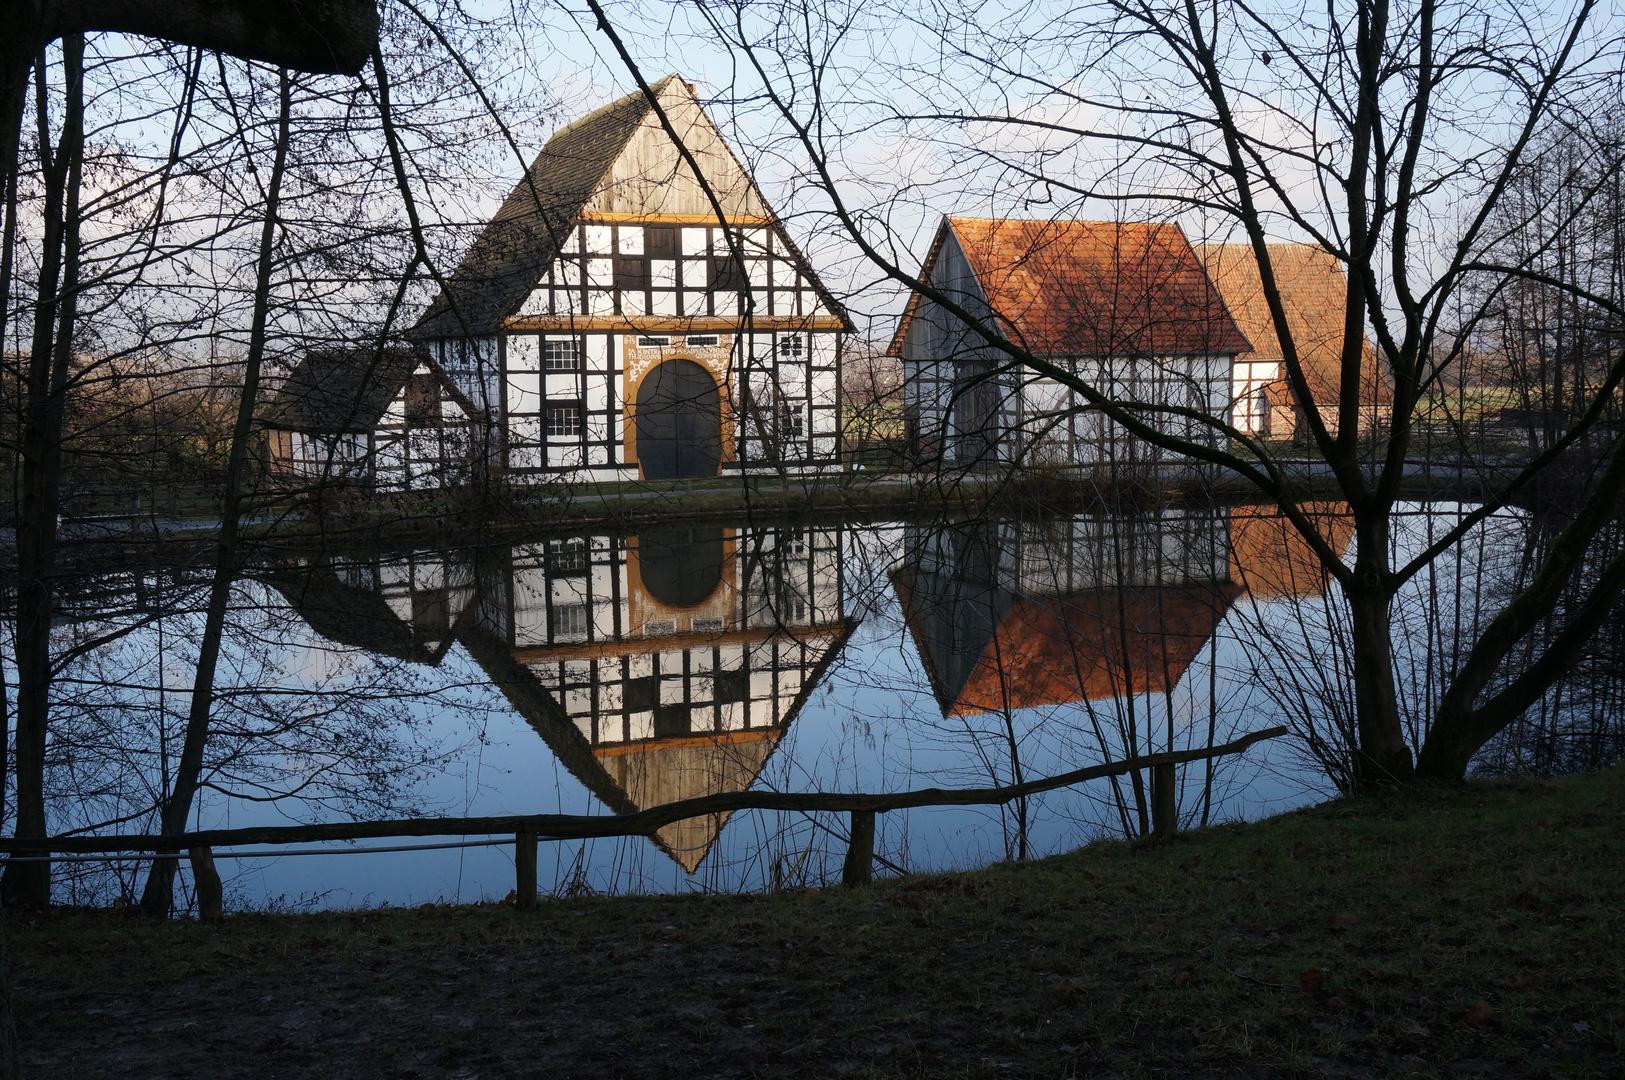 Spiegelung im Dorfteich